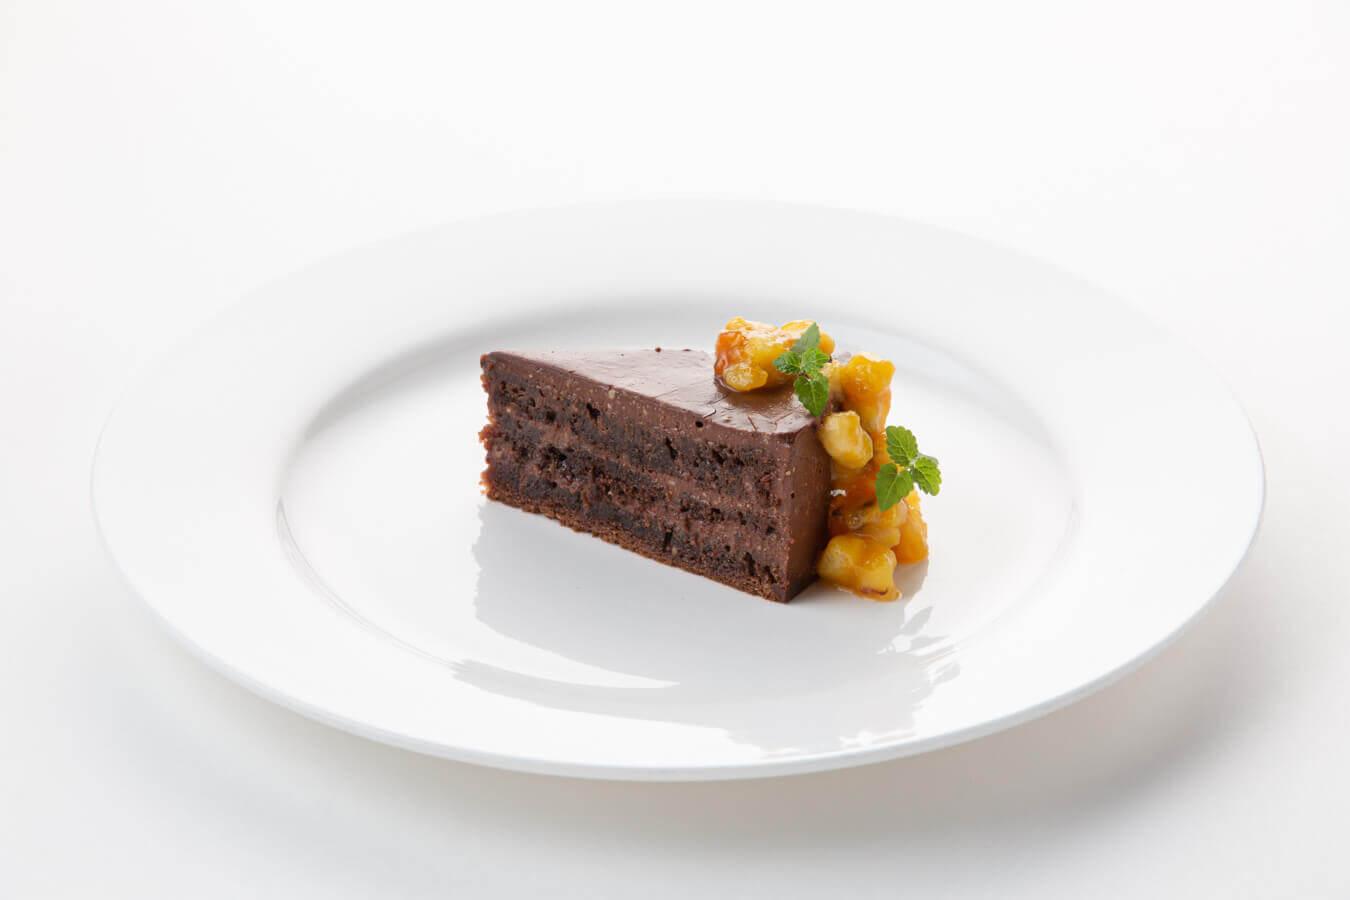 Шоколадный торт с бананом и маракуйей